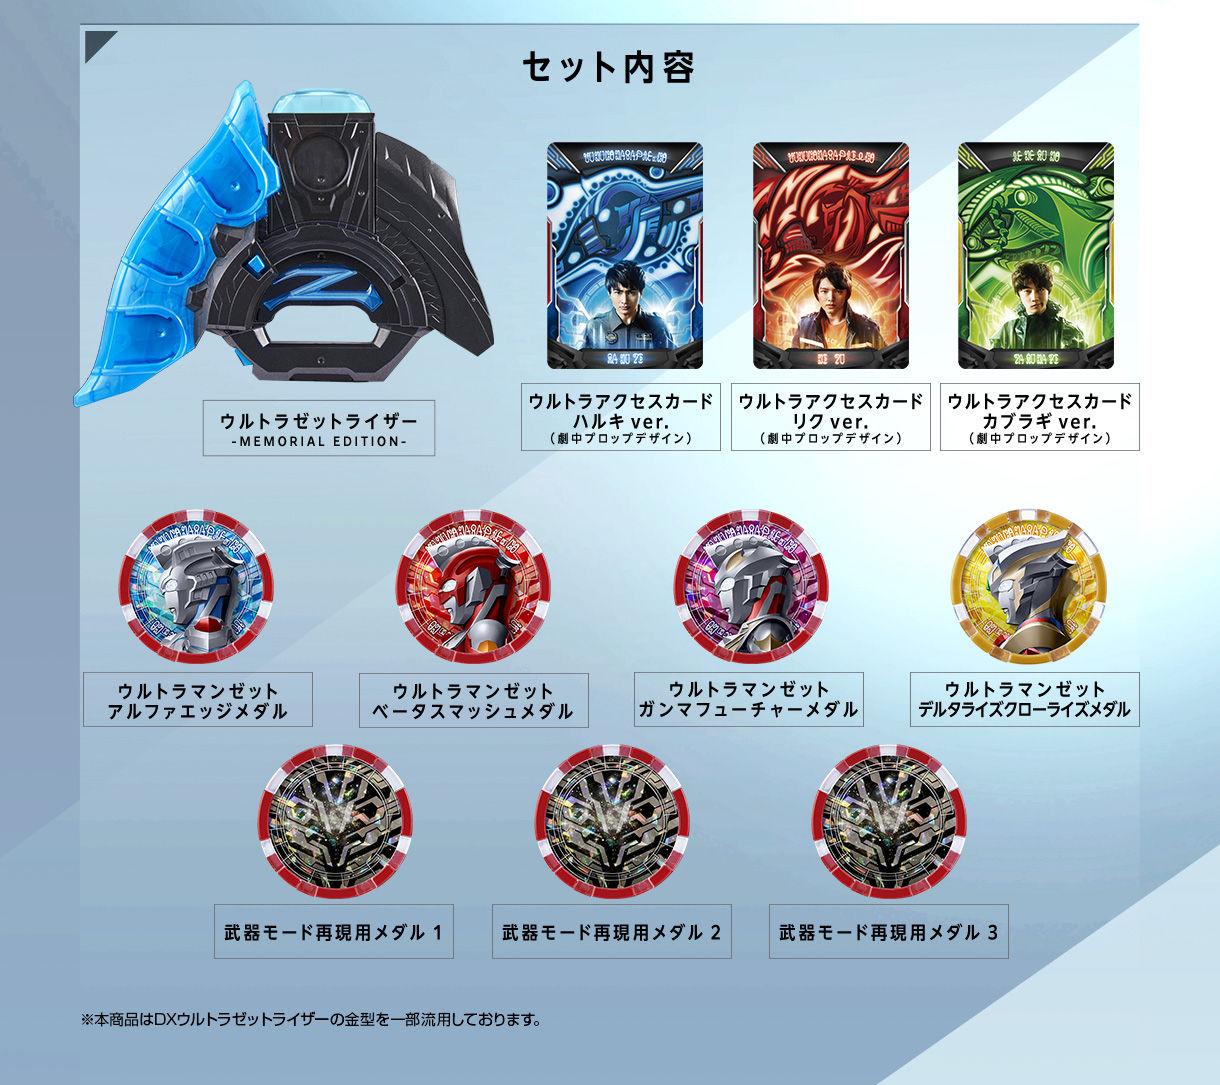 【限定販売】ウルトラマンZ『ウルトラゼットライザー -MEMORIAL EDITION-』ウルトラマンゼット 変身なりきり-003